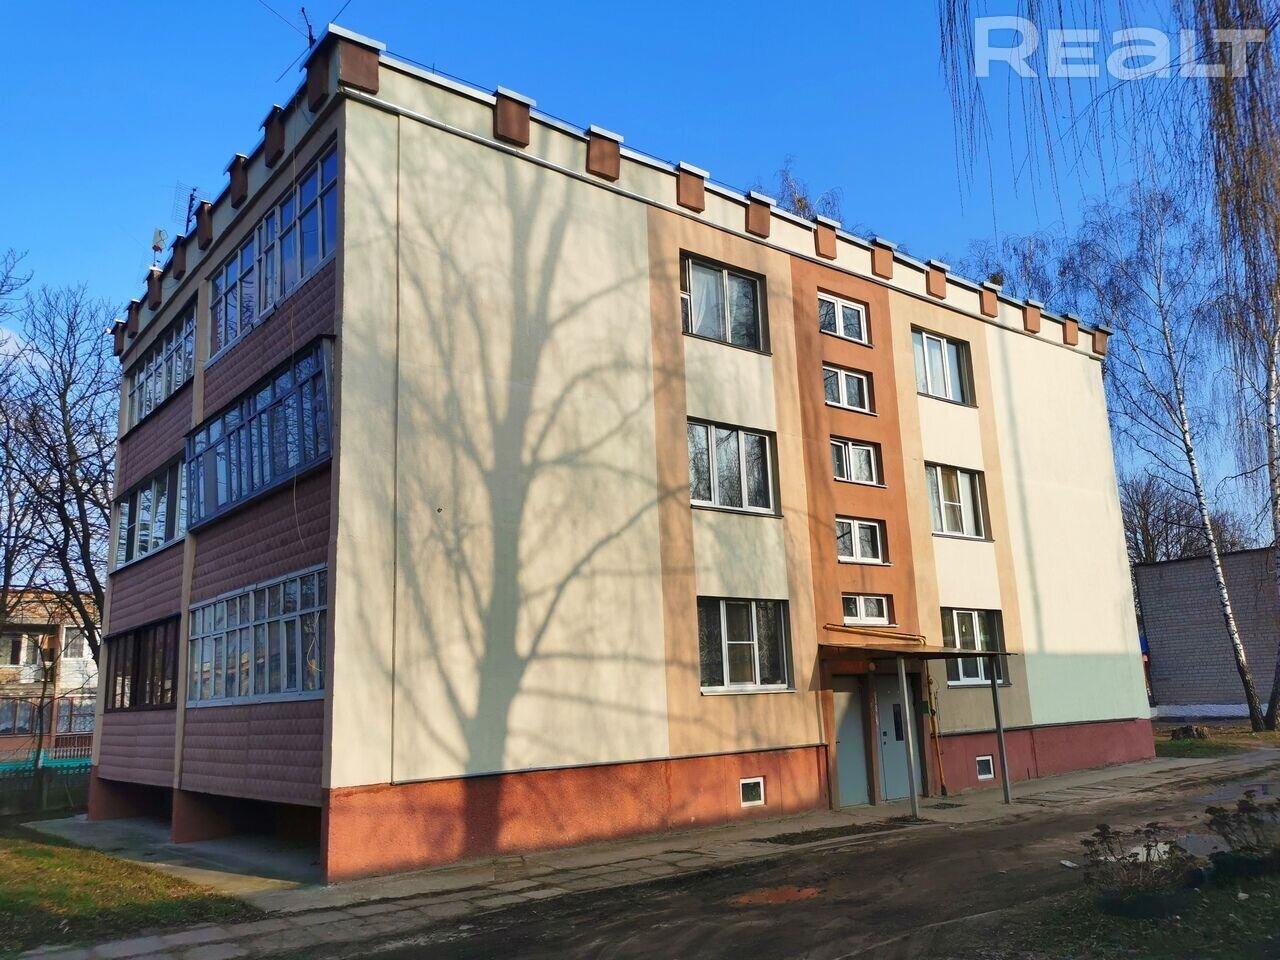 Продажа 1 комнатной квартиры, аг. Урицкое, ул. Коммунистическая, дом 6. Цена 37 704 руб